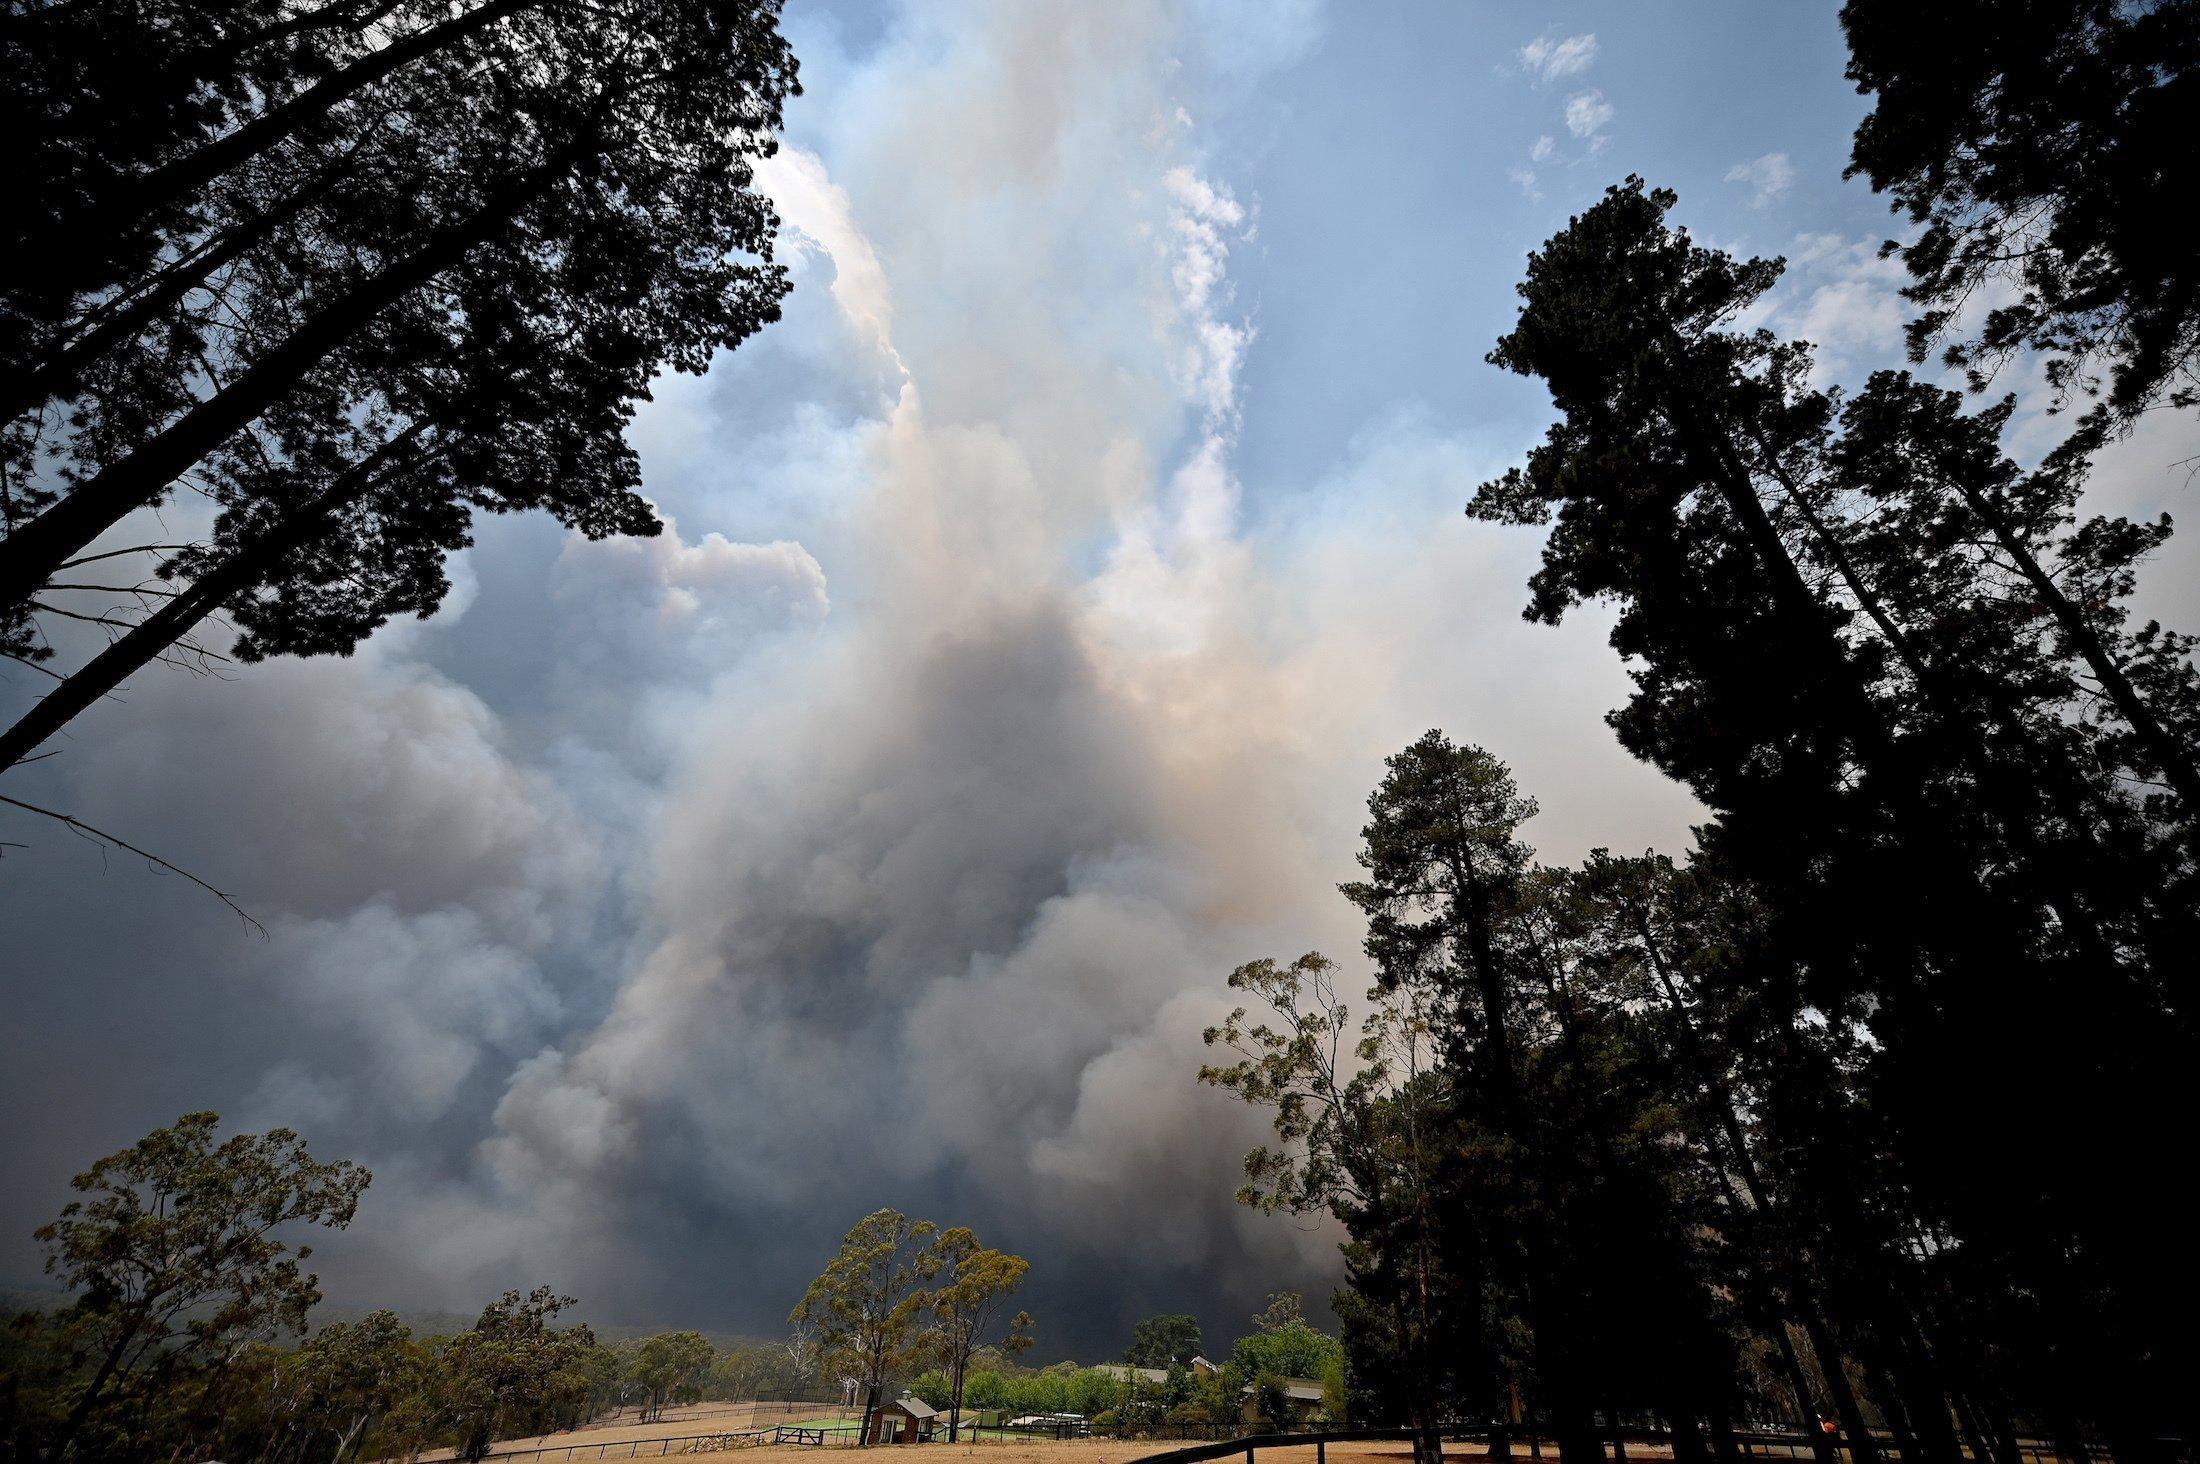 Über einer Weidelandschaft türmen sich Wolken in verschiedensten Farben auf. Wegen der Brände sind auch dunkle Rauchwolken dabei.